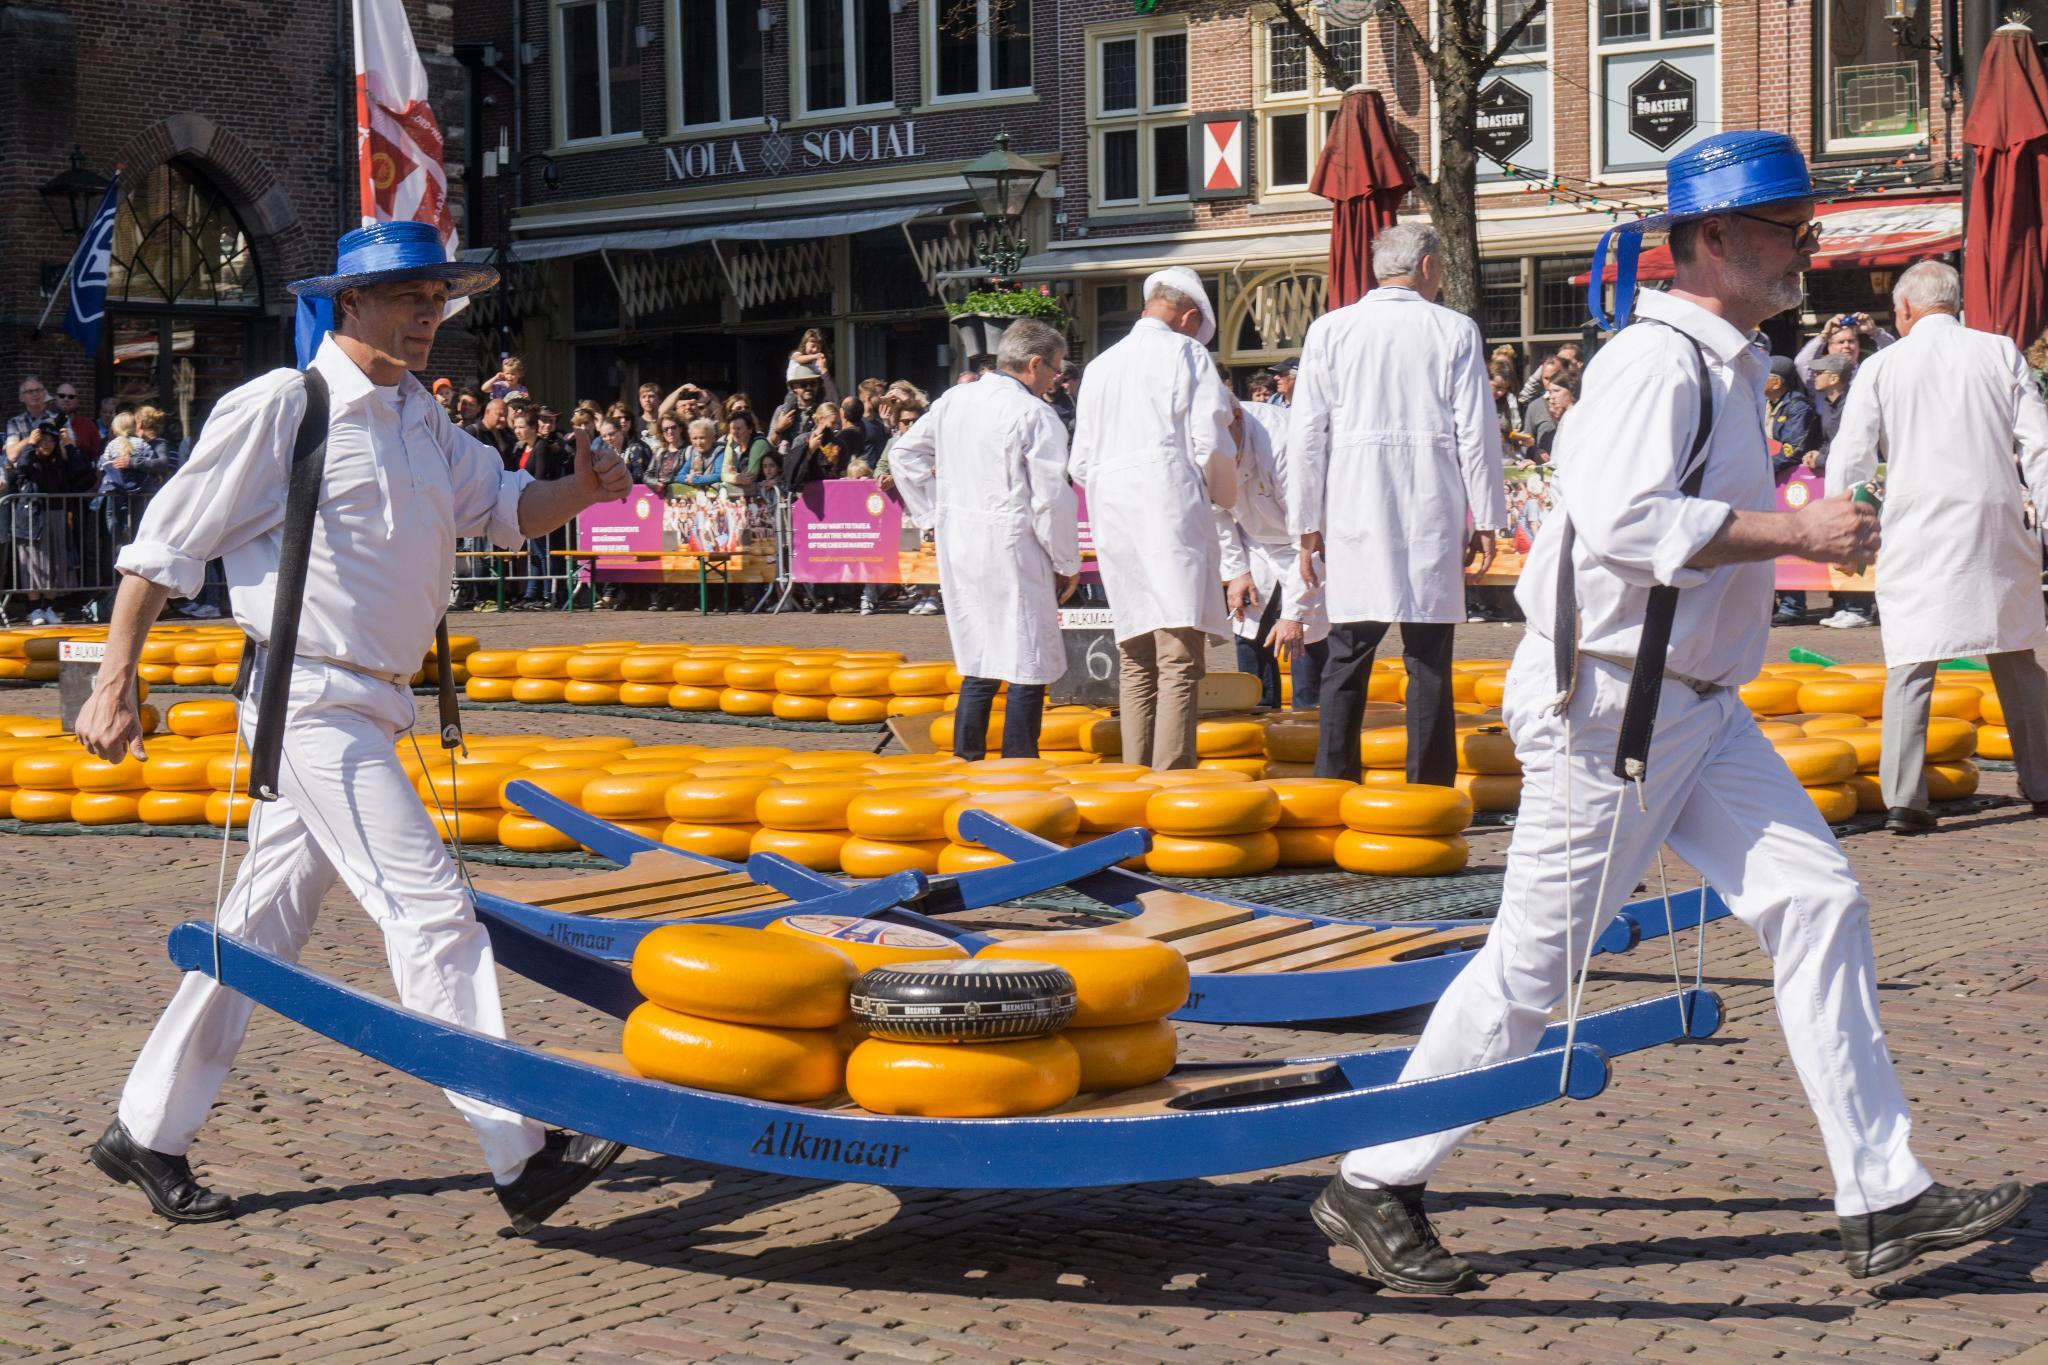 【荷蘭印象】體驗道地的荷式風情 — Alkmaar 起司市集 散步路線整理